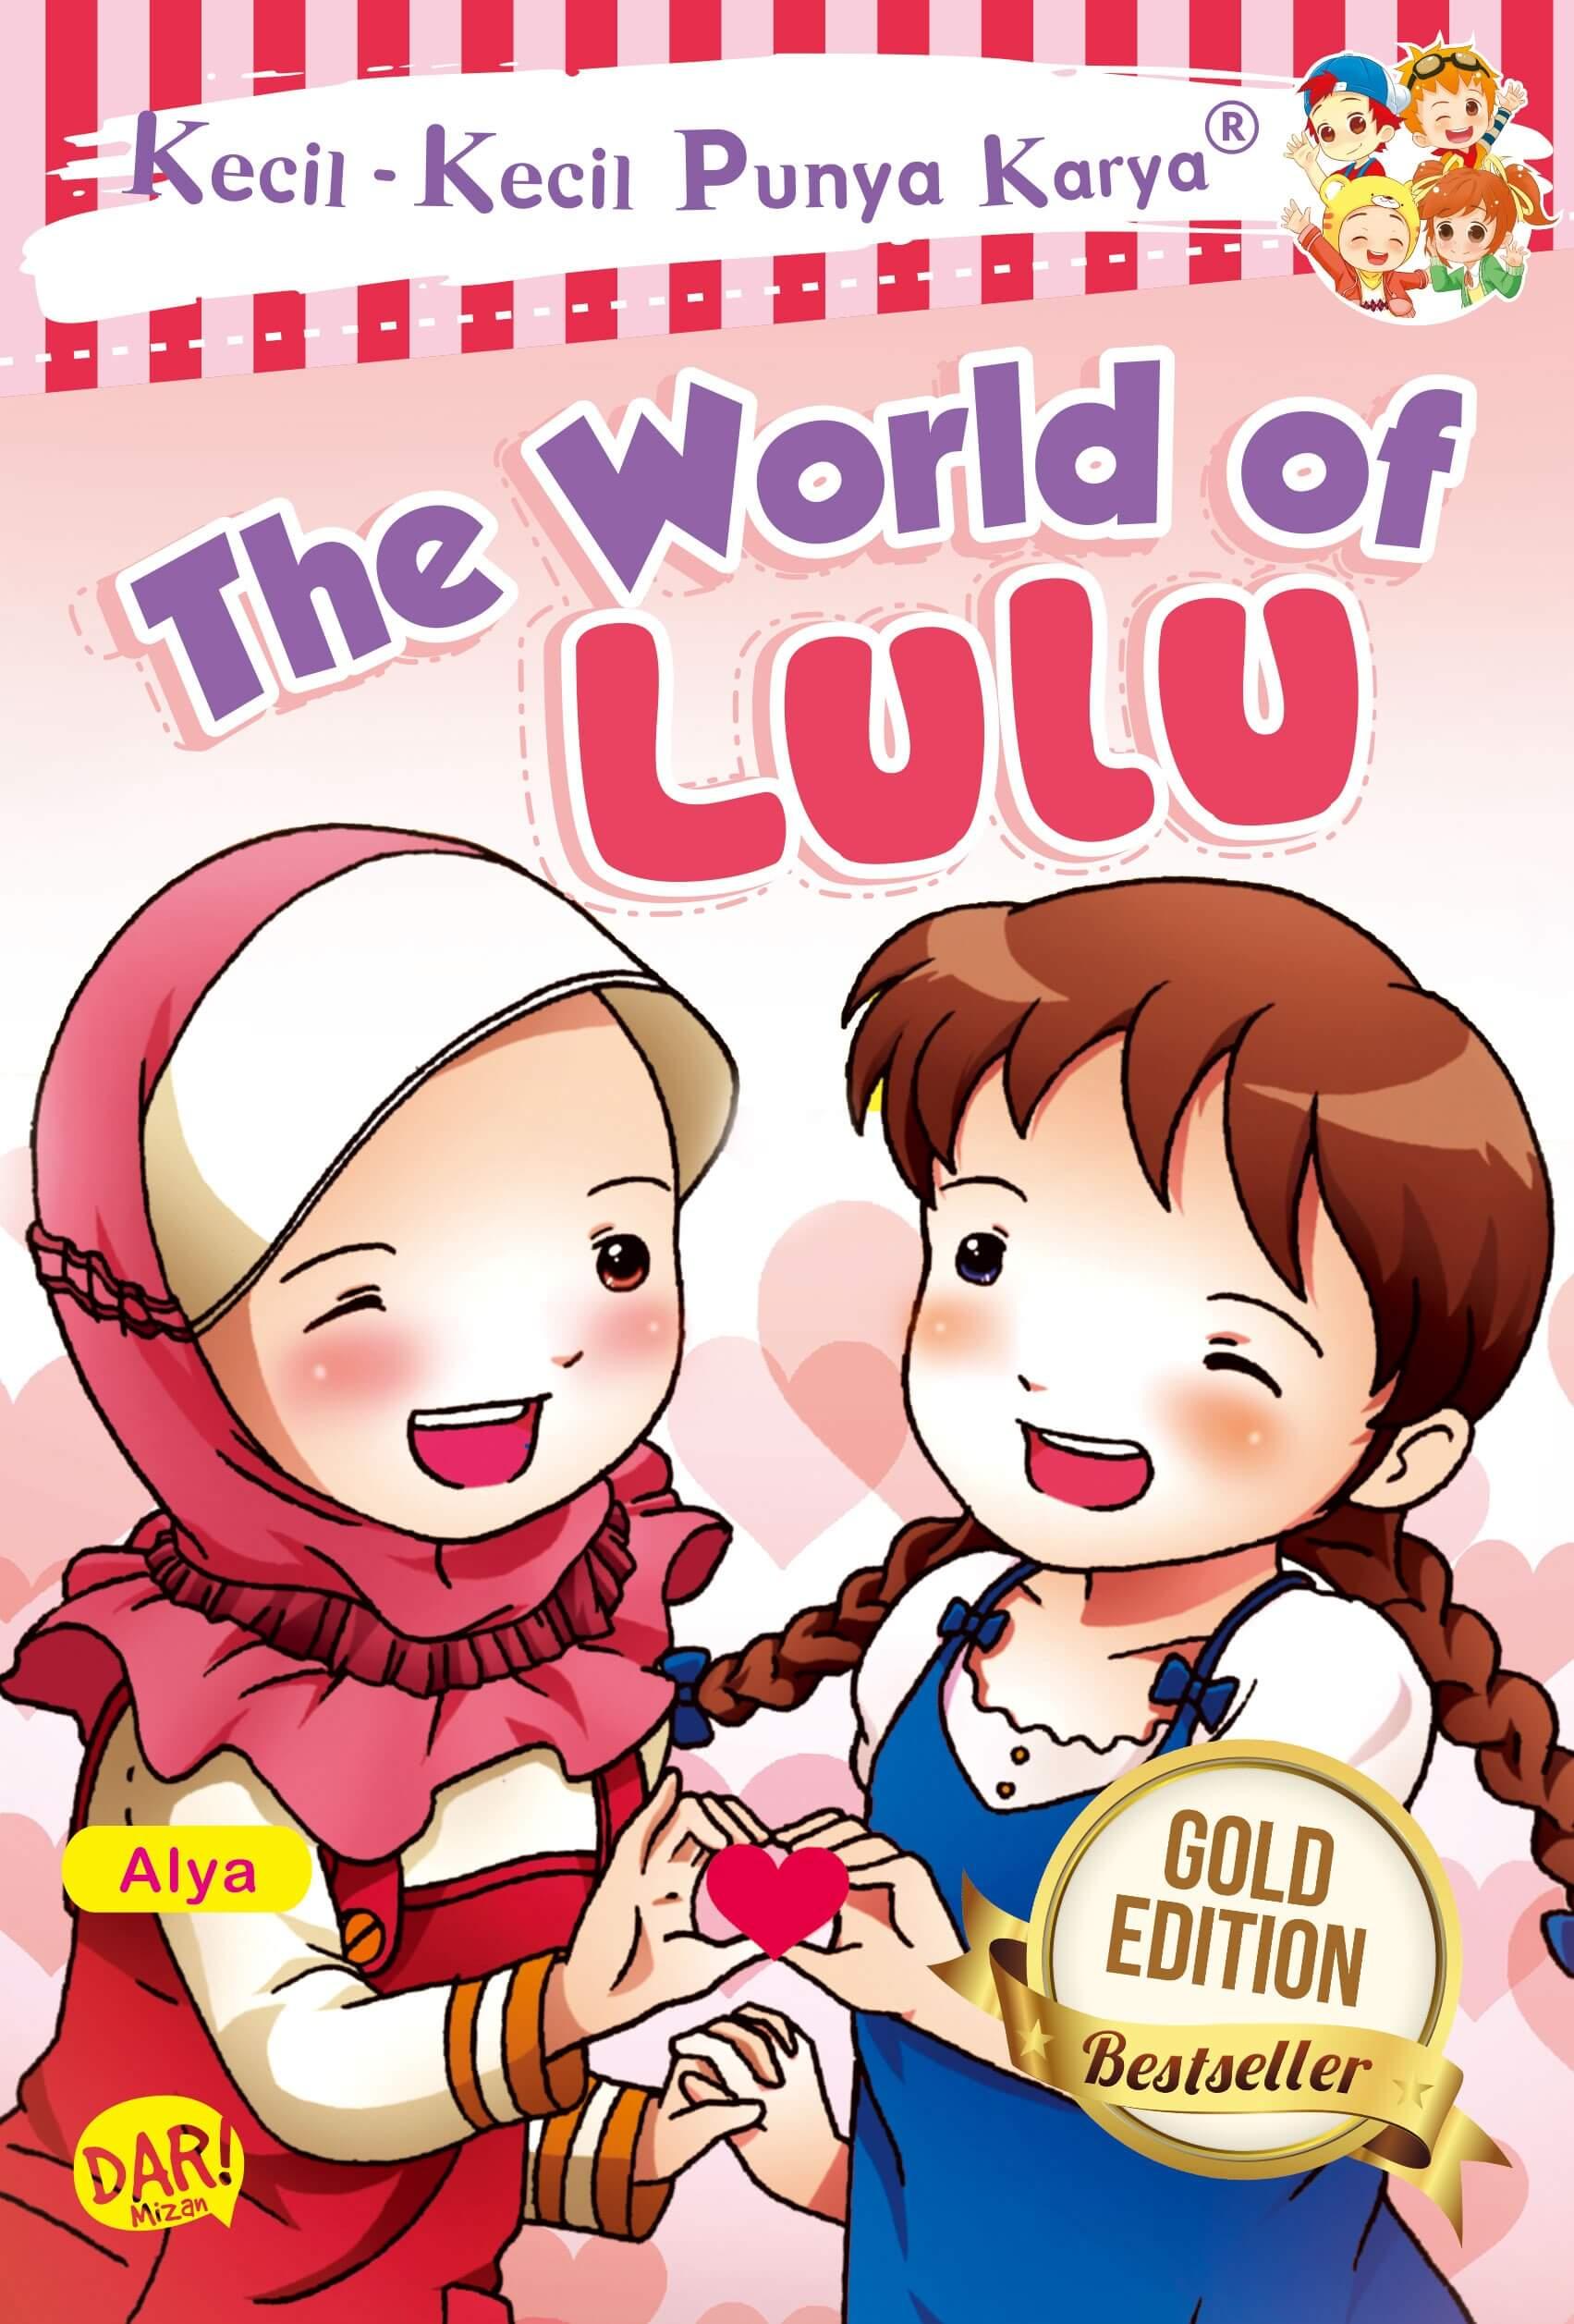 KKPK.THE WORLD OF LULU (REPUBLISH)